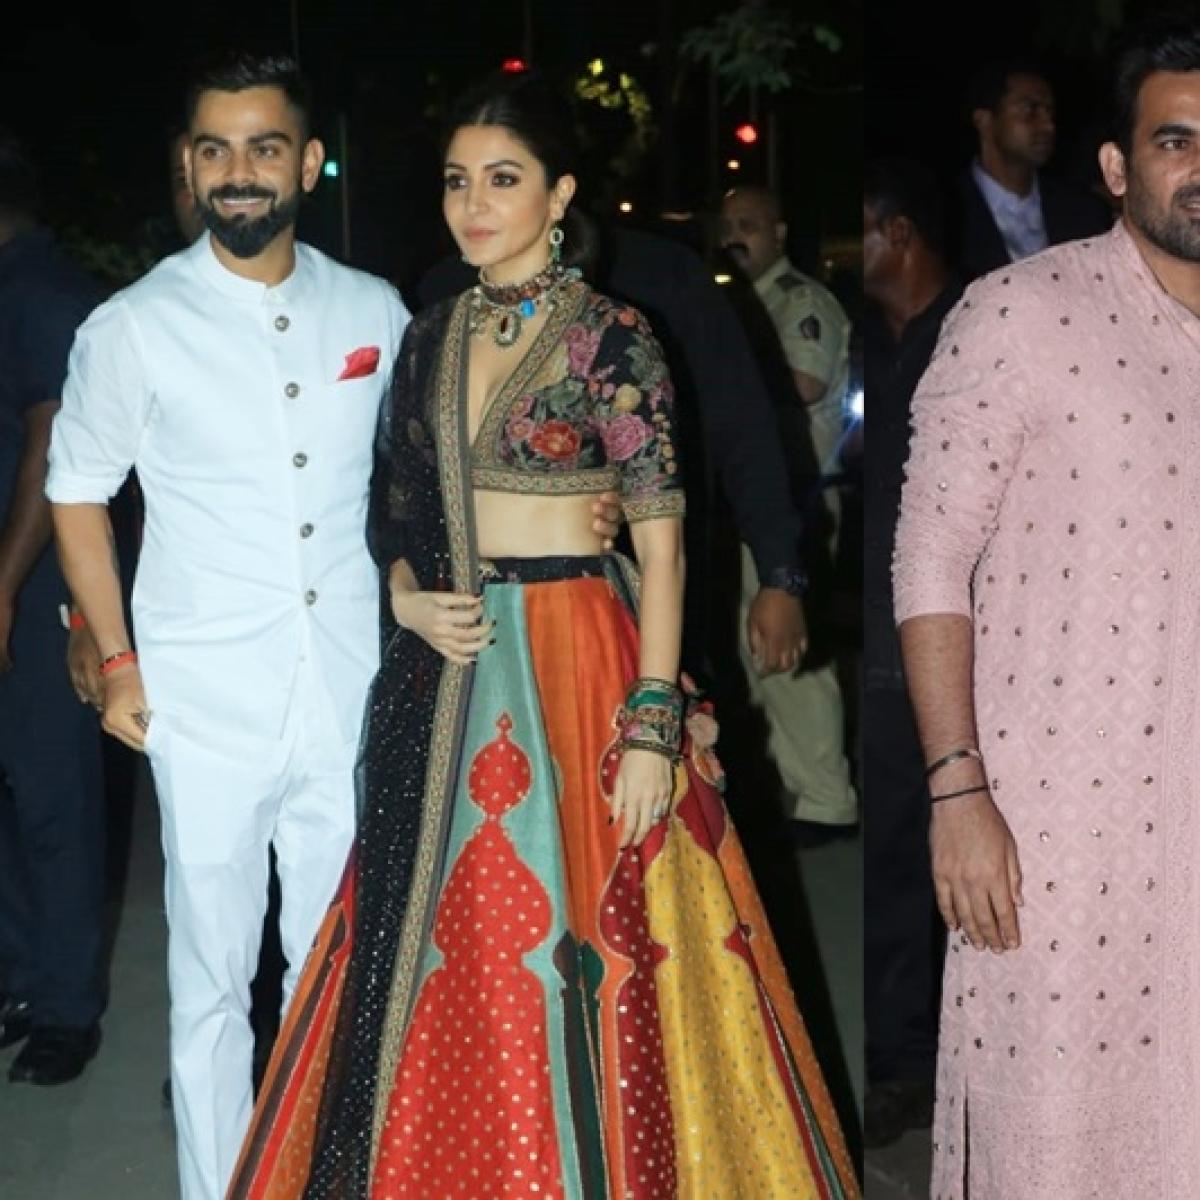 Virat-Anushka, Zaheer-Sagarika, and other cricketers at Bachchans' Diwali bash